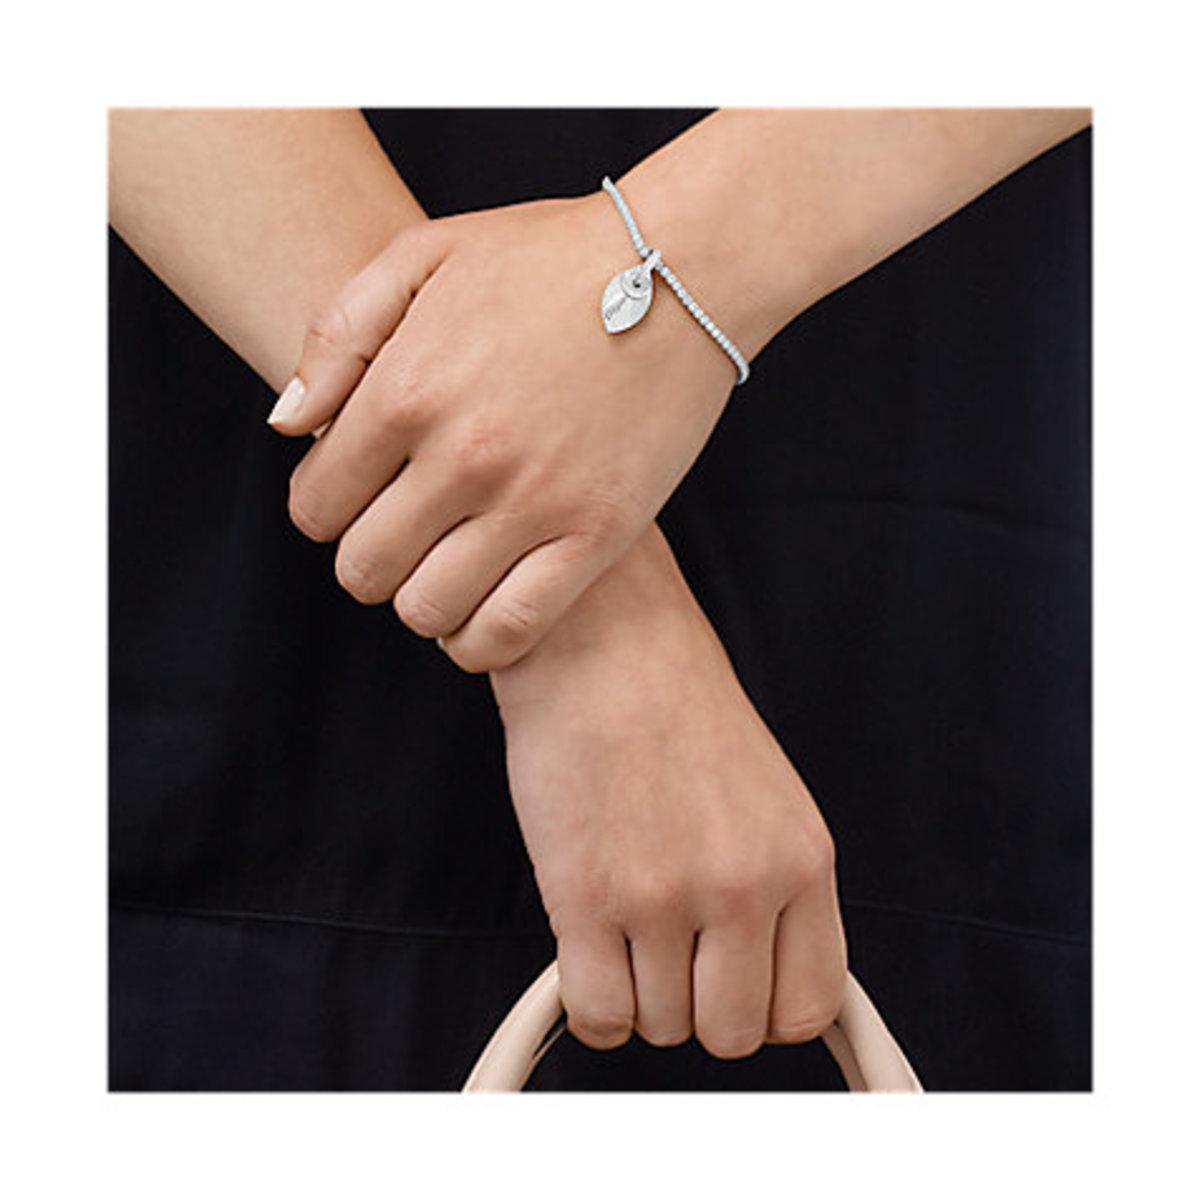 Bild 2 von JETTE Silver Armband